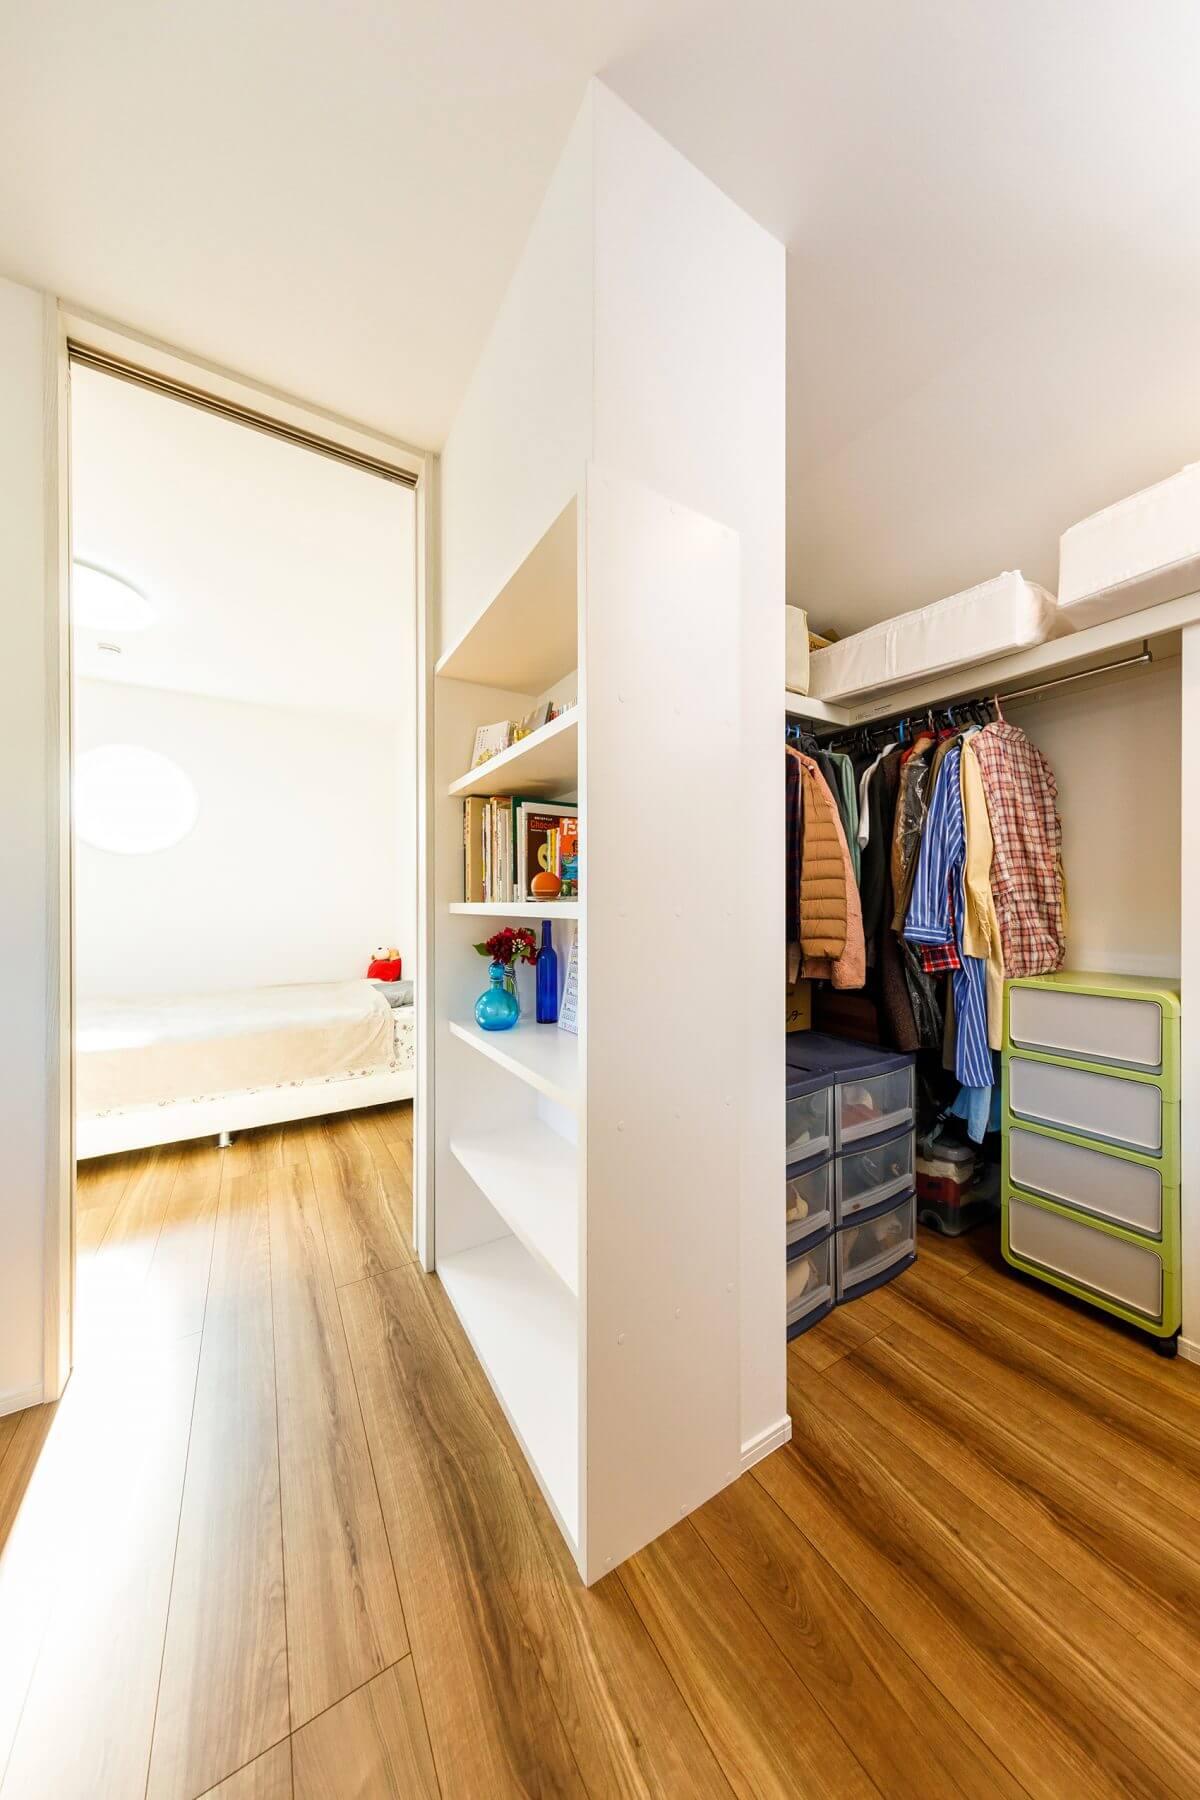 無駄な建具を使わずにオープンにした2階のファミリークローゼット。造作の収納棚で視覚的に間仕切るなど、無駄のない設計に。写真奥は主寝室です。